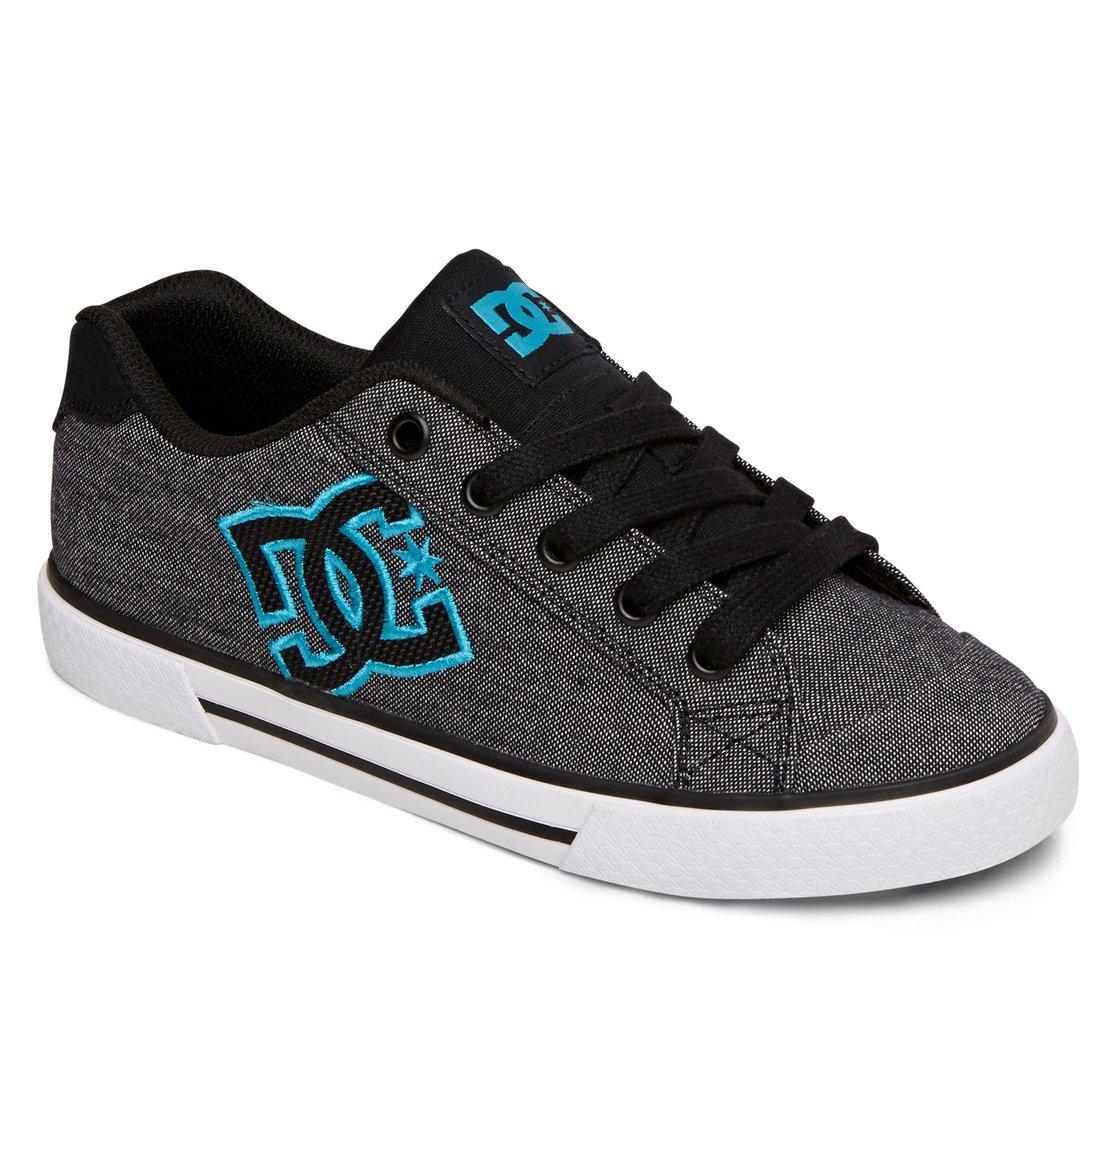 Model Details About DC Shoes Women39s Danni TX SE Shoes ADJS300163